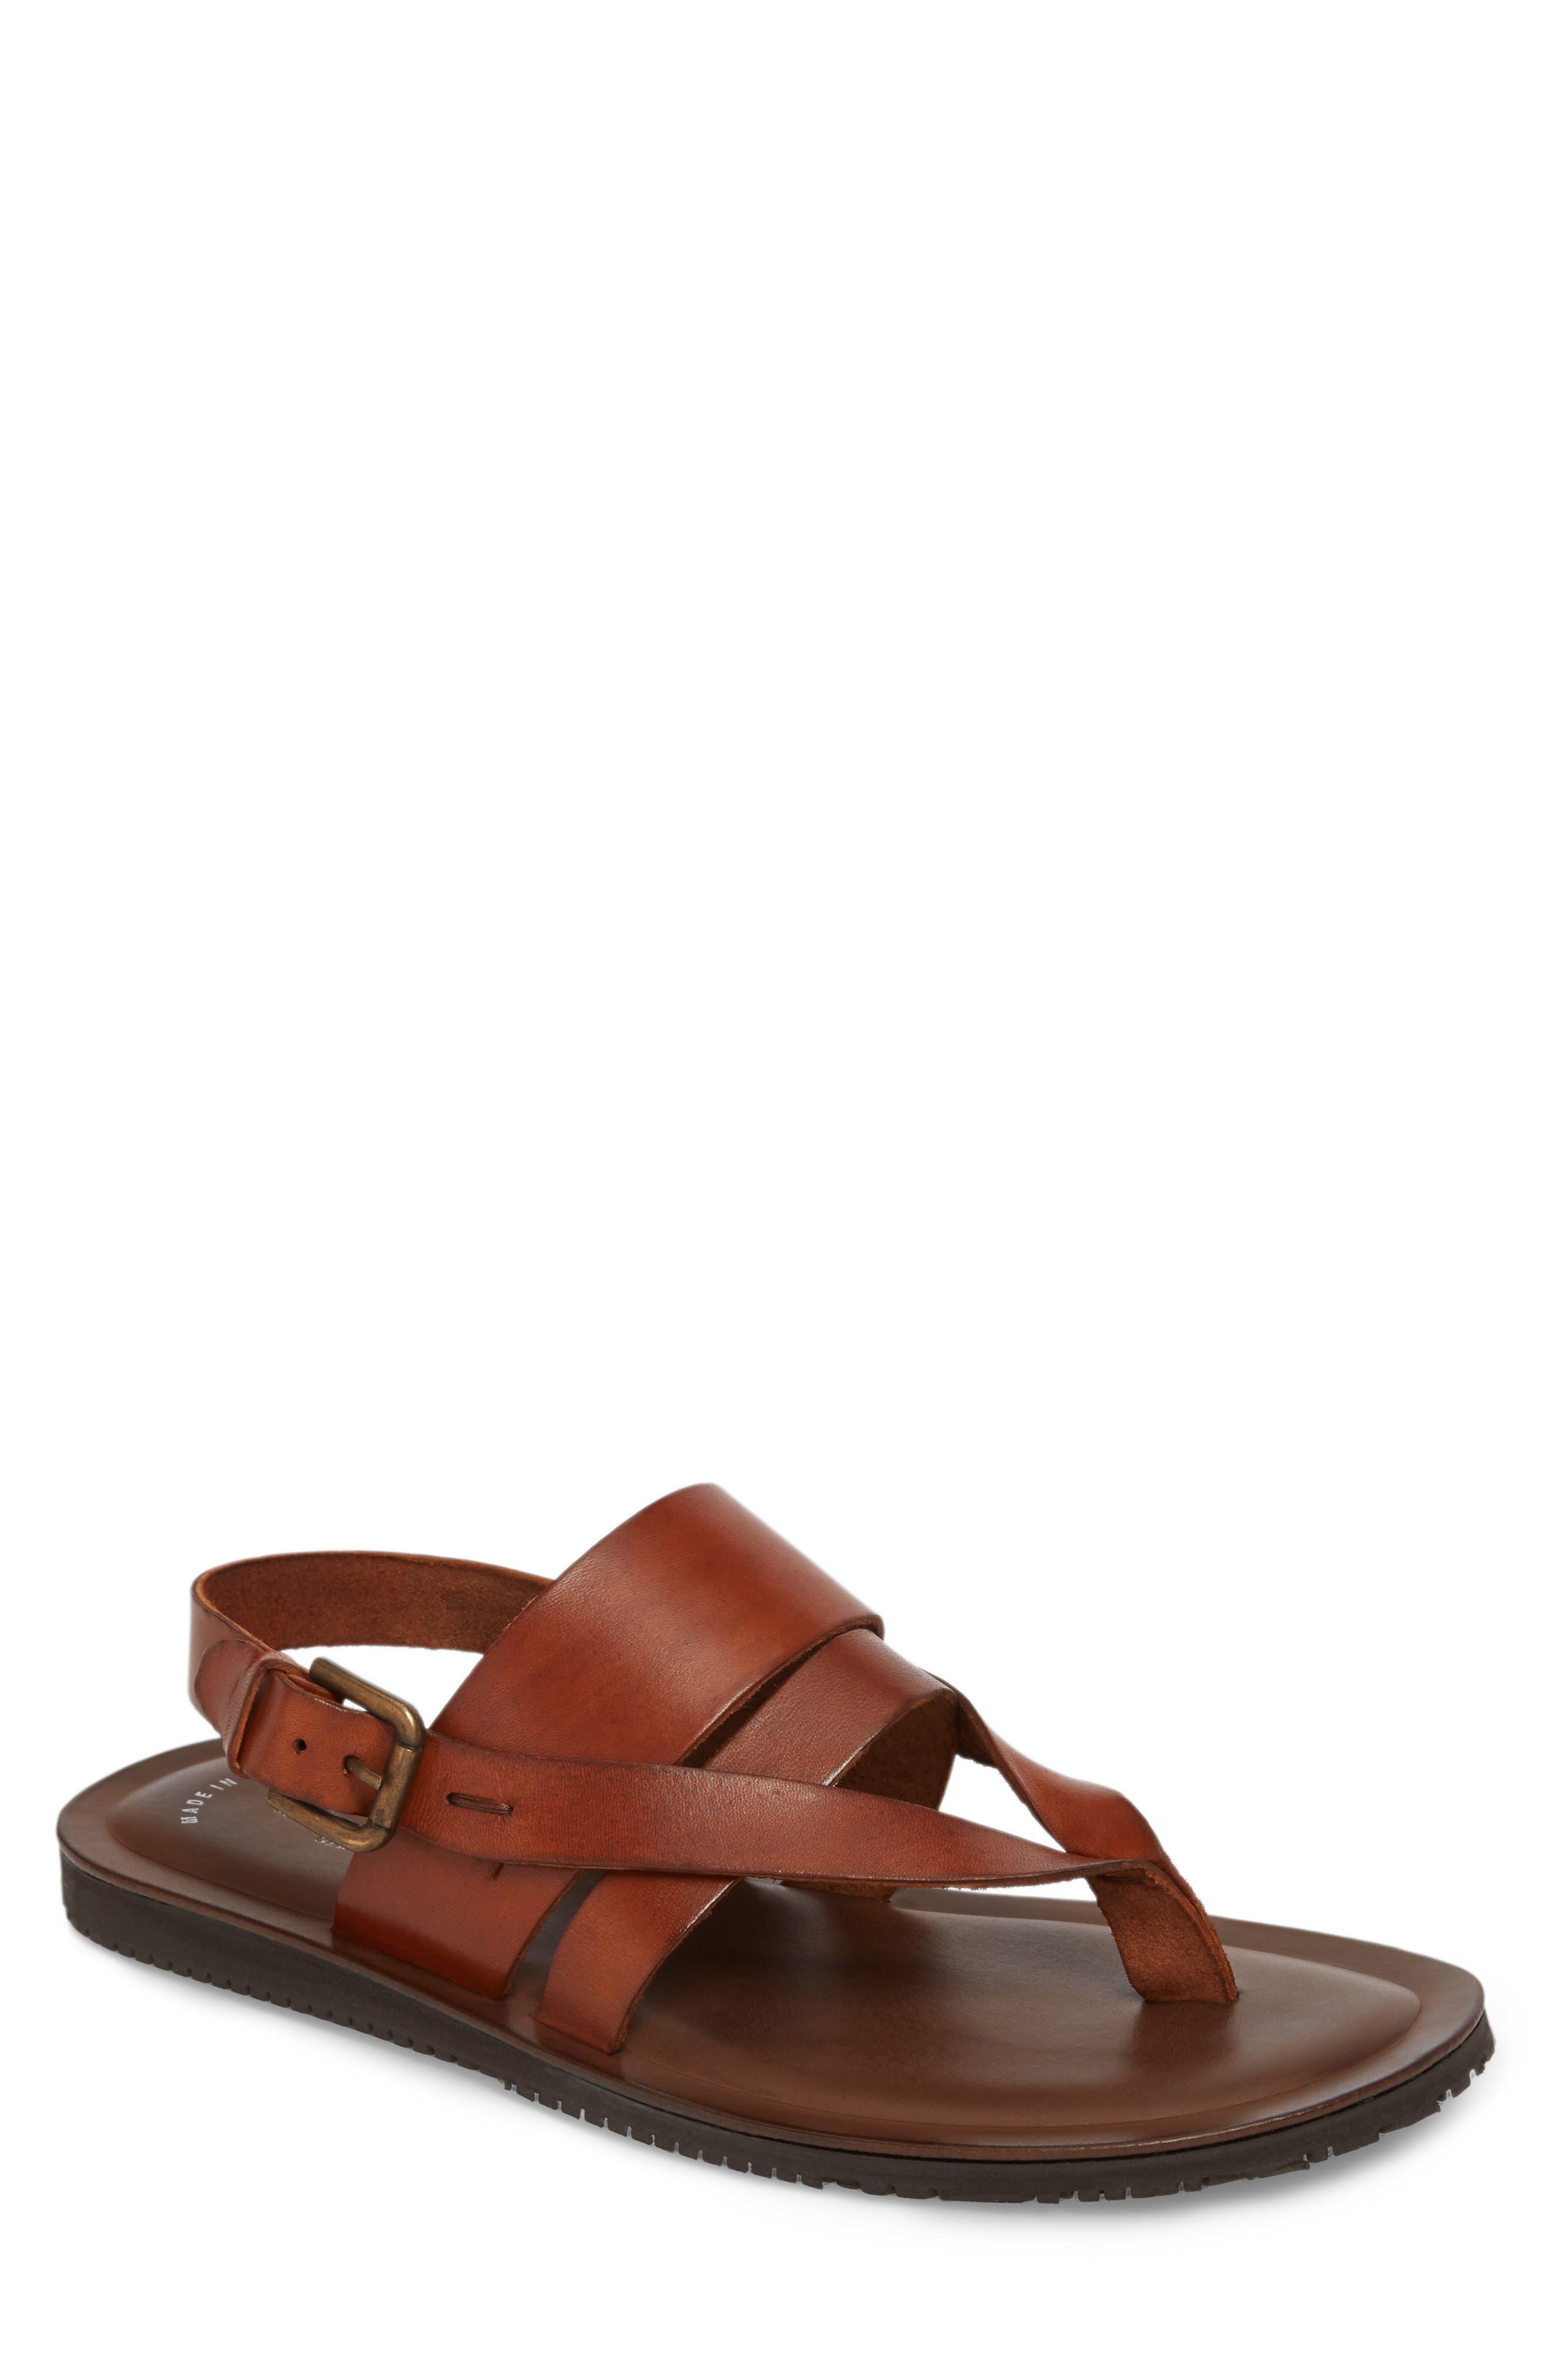 'Reel-Ist' Sandal,                             Main thumbnail 1, color,                             Cognac Leather